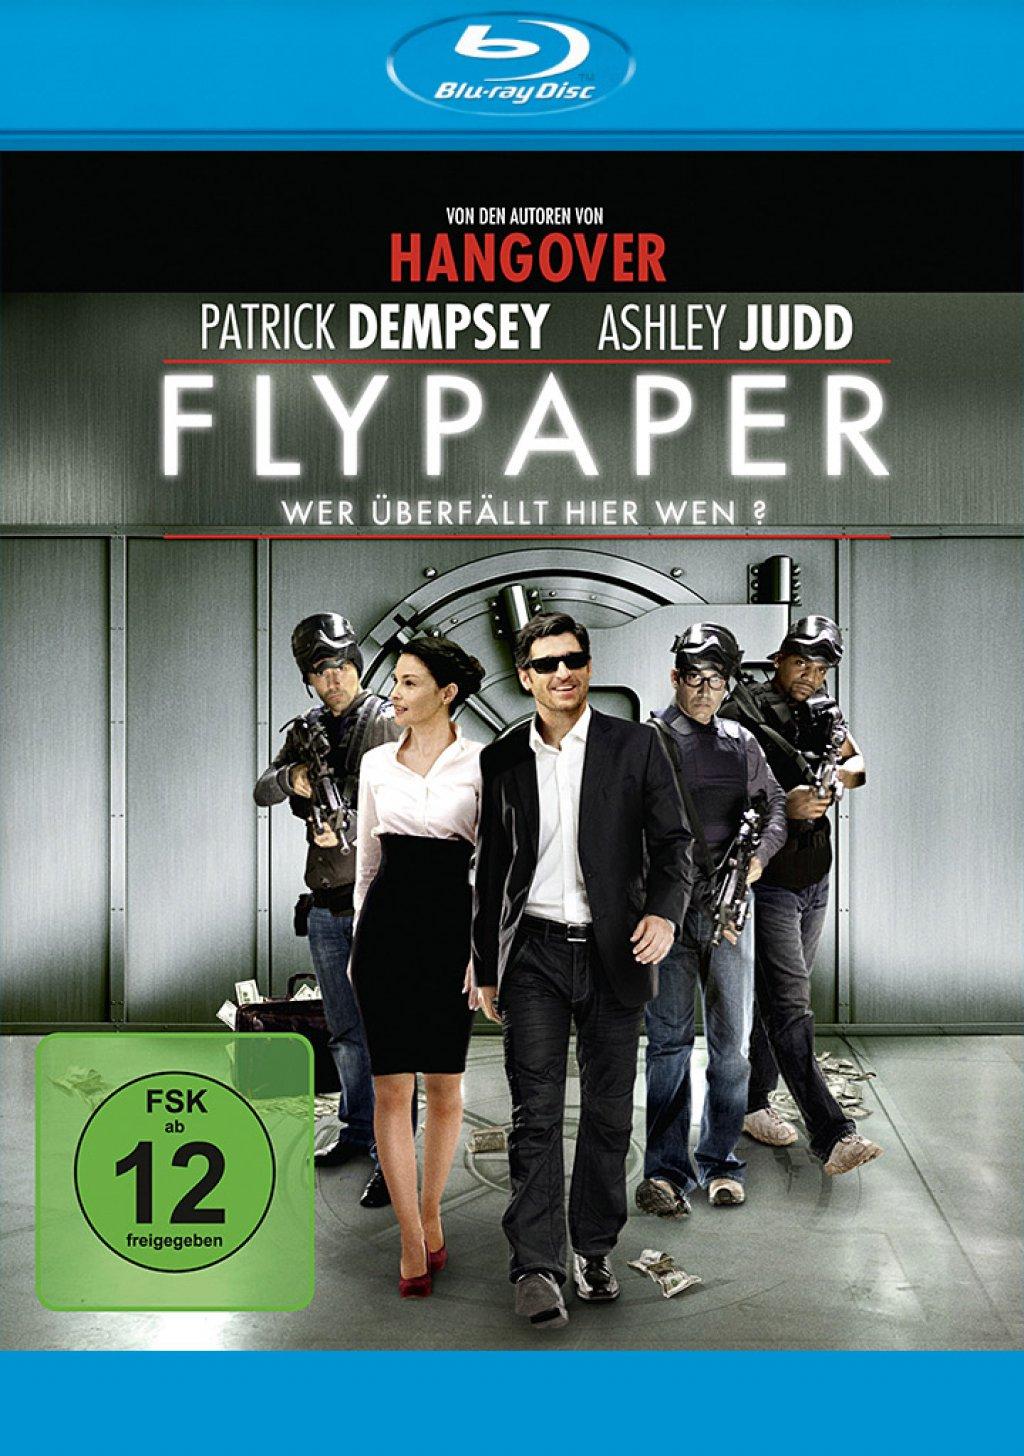 Flypaper - Wer überfällt hier wen? (Blu-ray)